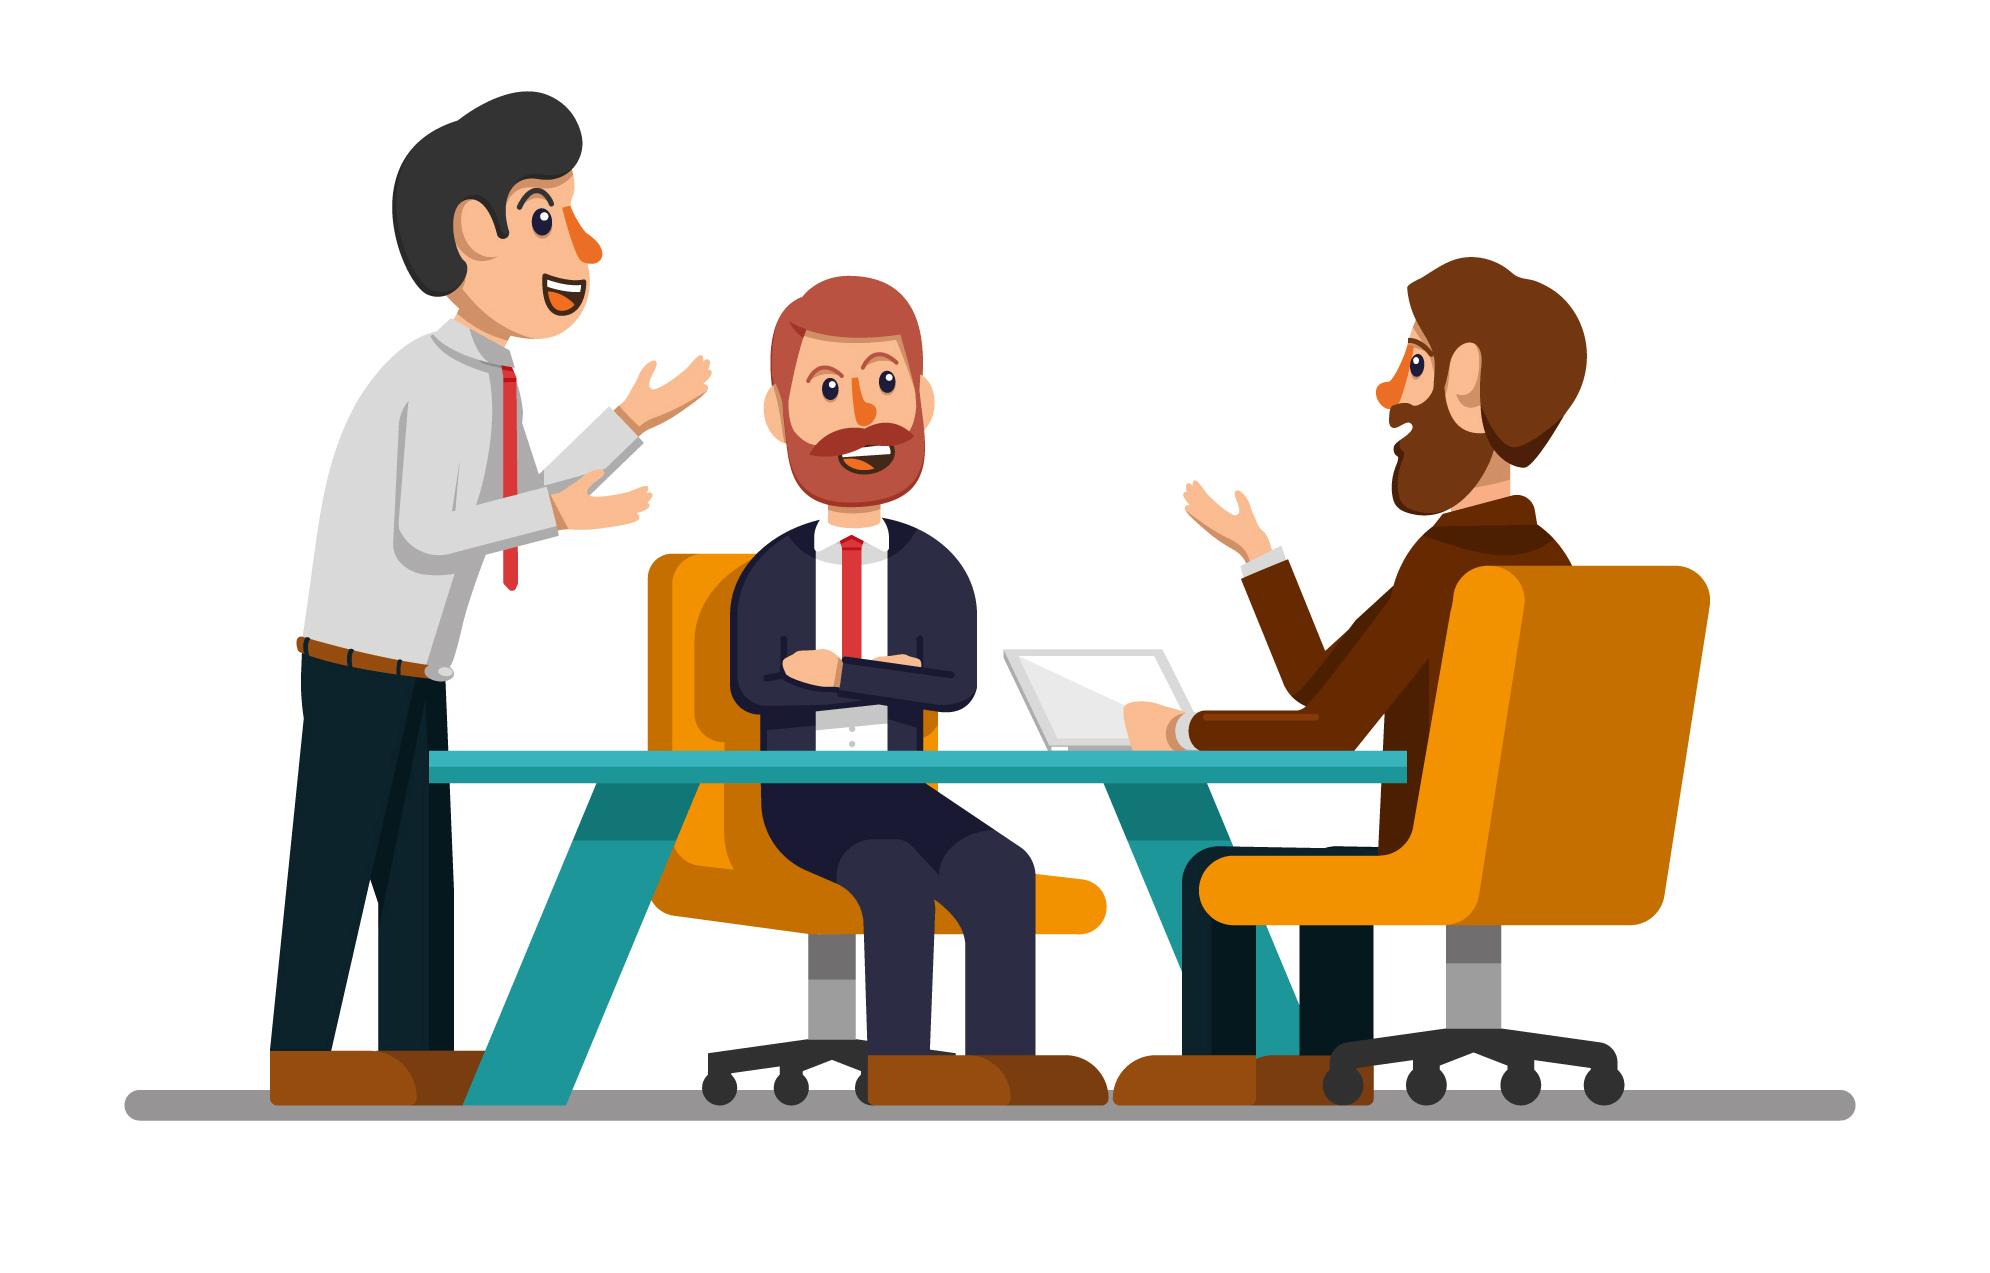 Phỏng vấn xin việc & 14 điều không nên chia sẻ bạn cần biết